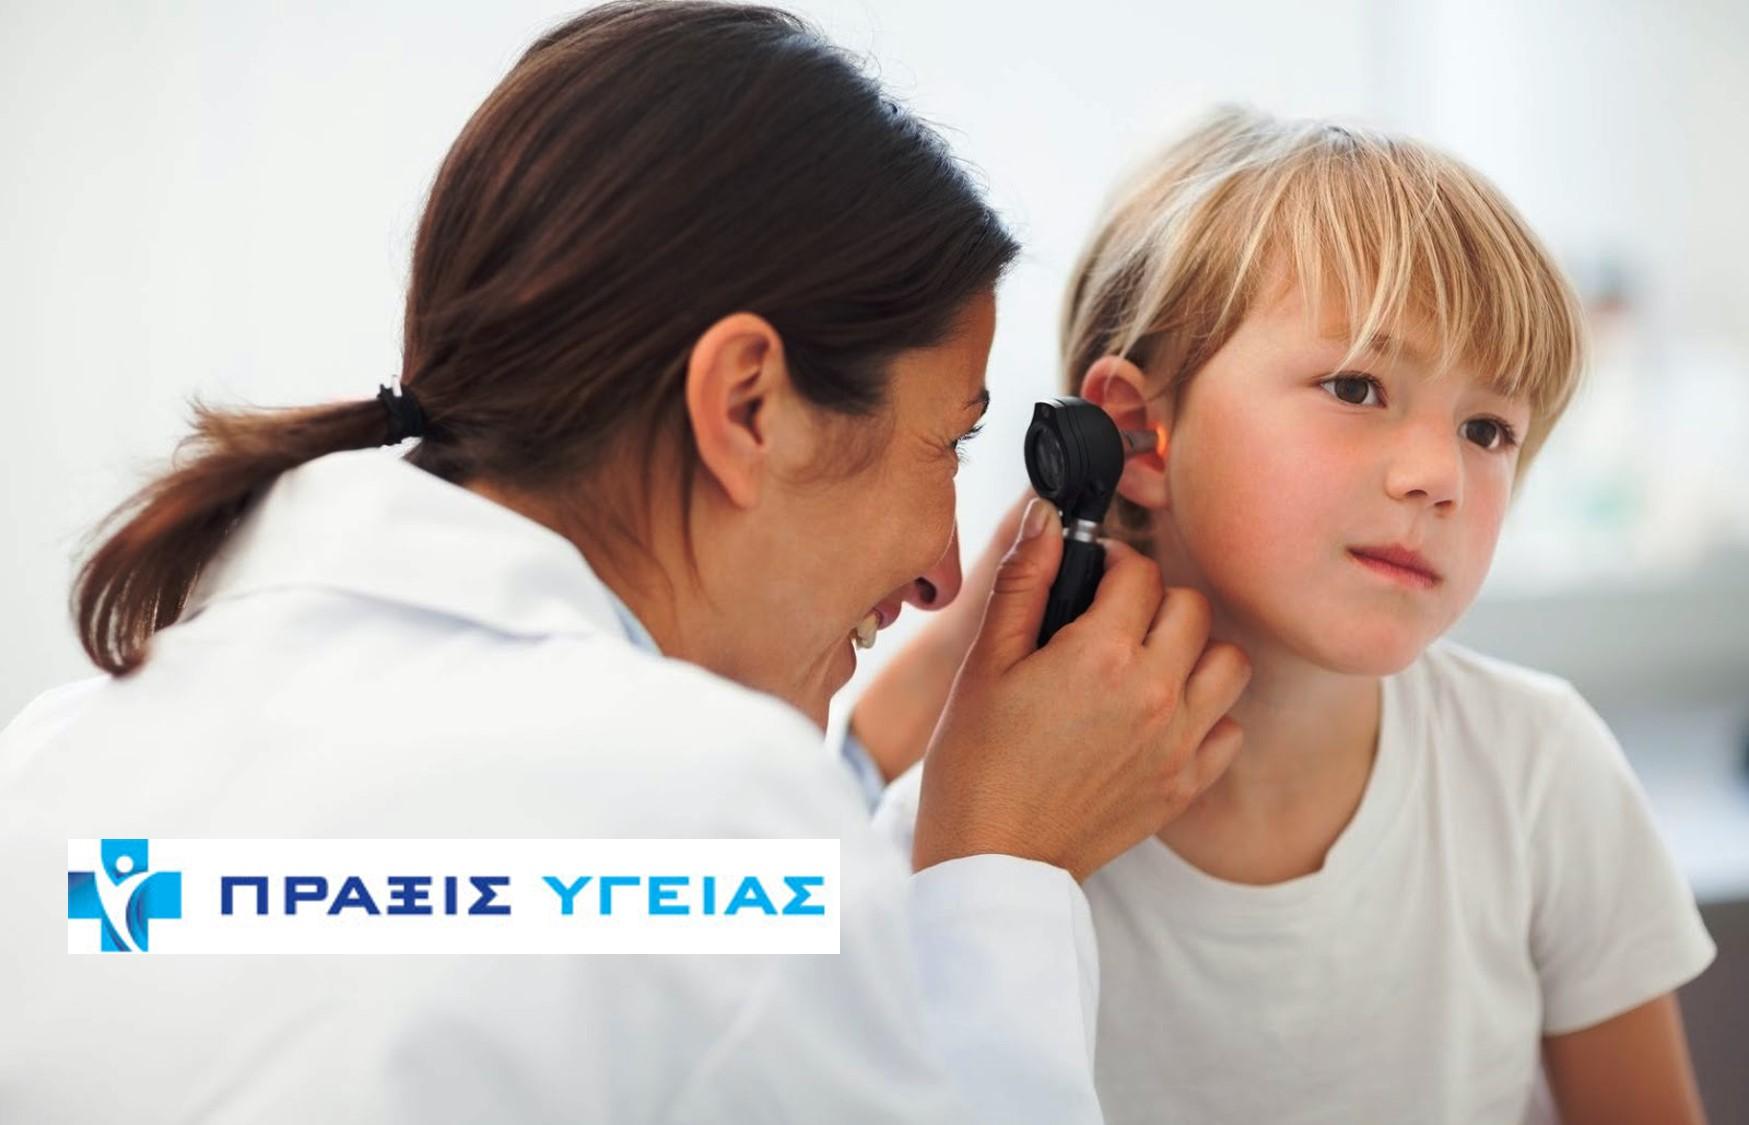 55€ από 120€ για πλήρη Ωτορινολαρυγγολογικό Έλεγχο (Κλινική Εξέταση από ΩΡΛ, Τυμπανόγραμμα, Ακουόγραμμα & Καθαρισμό Ώτων) στο υπερσύχρονο ιατρικό κέντρο ''ΠΡΑΞΙΣ ΥΓΕΙΑΣ'' στο Χαλάνδρι